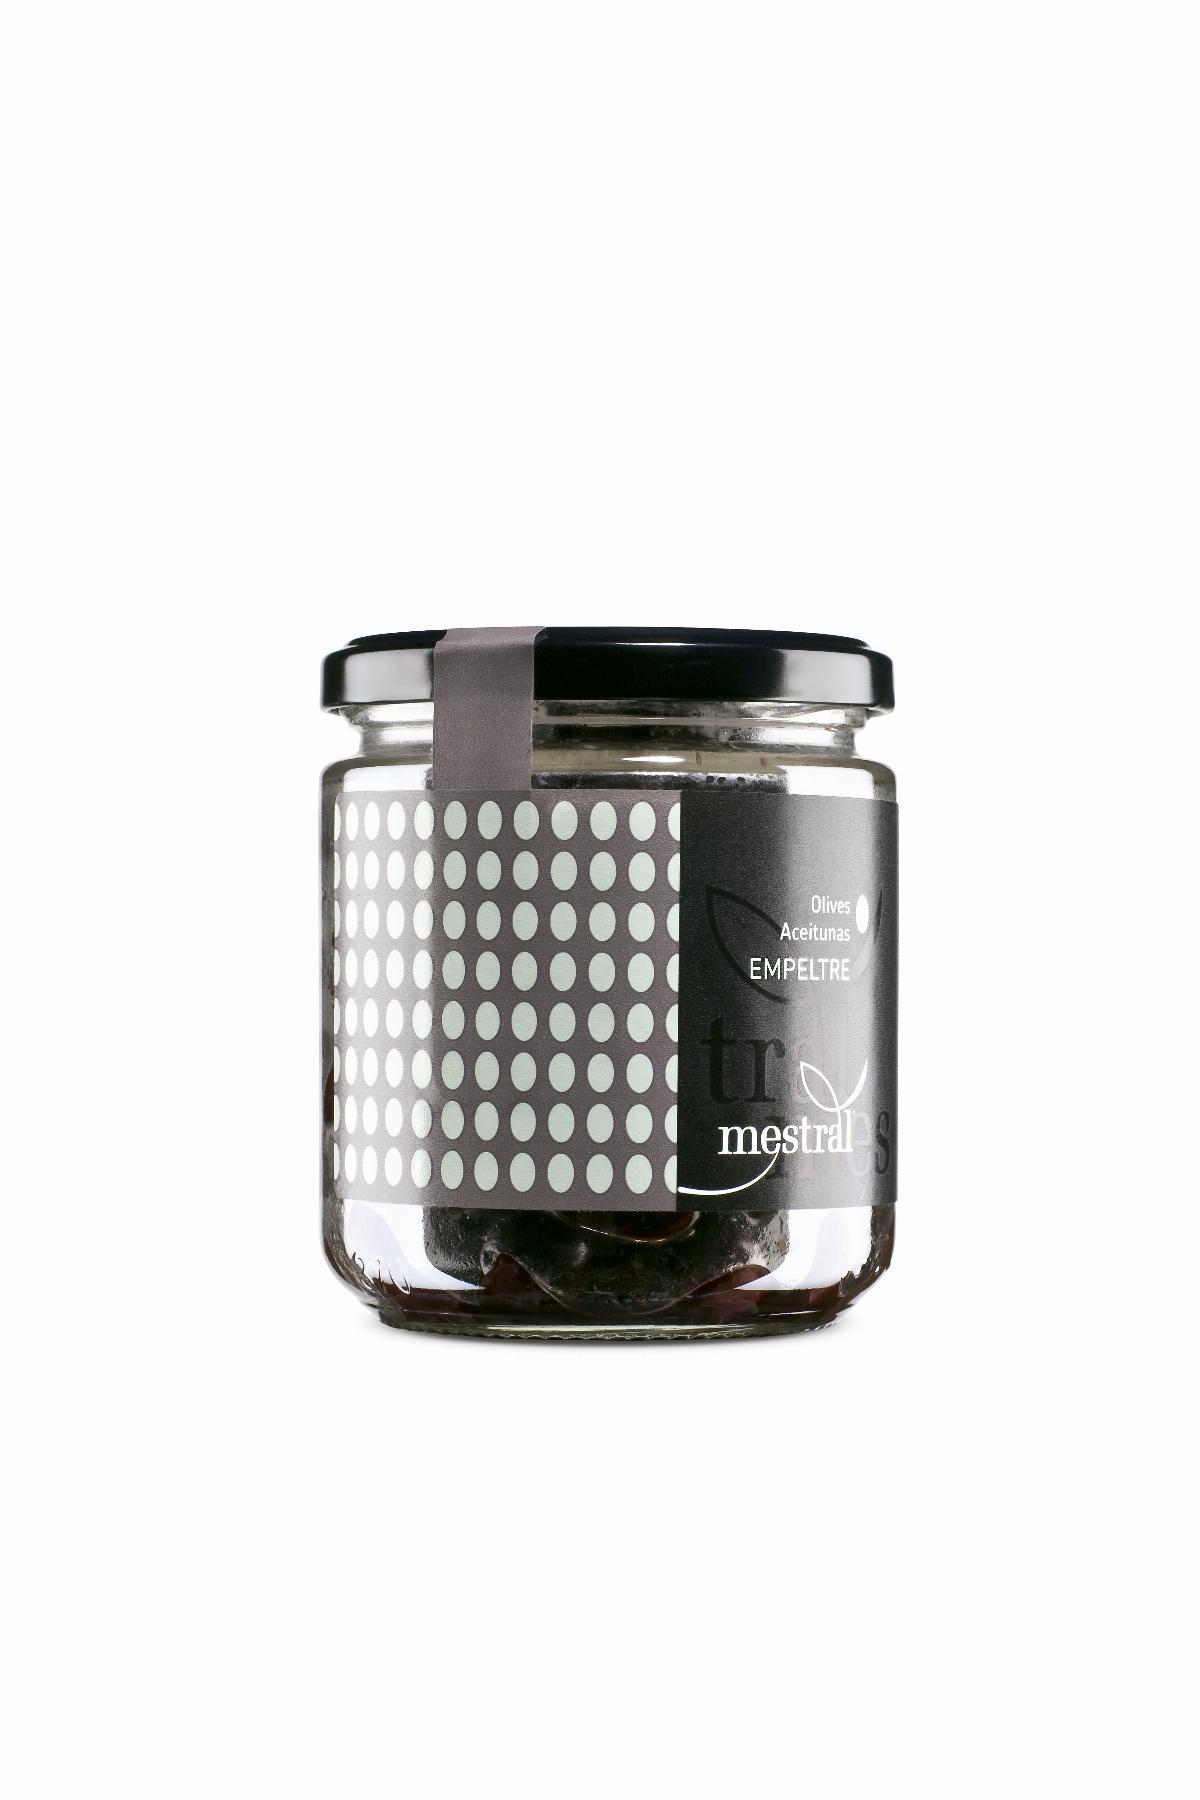 Olives Empeltre Mestral pot vidre 200 g